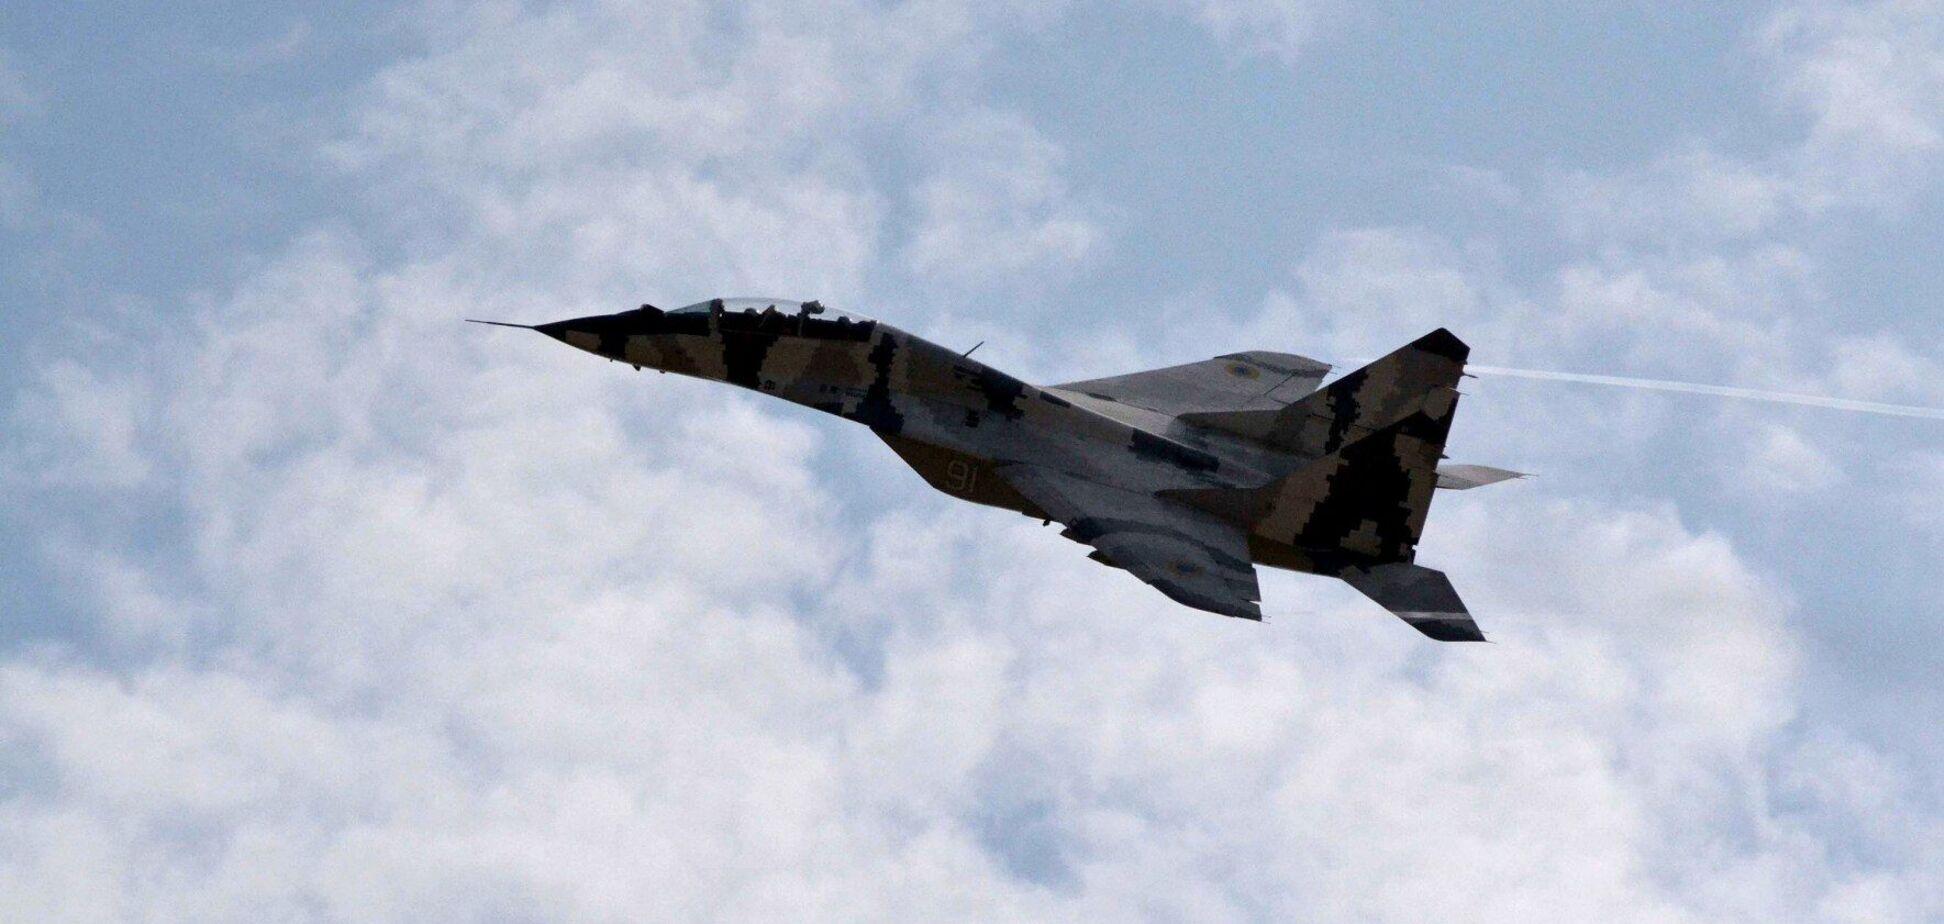 Під Києвом сталася резонансна ДТП з військовим літаком